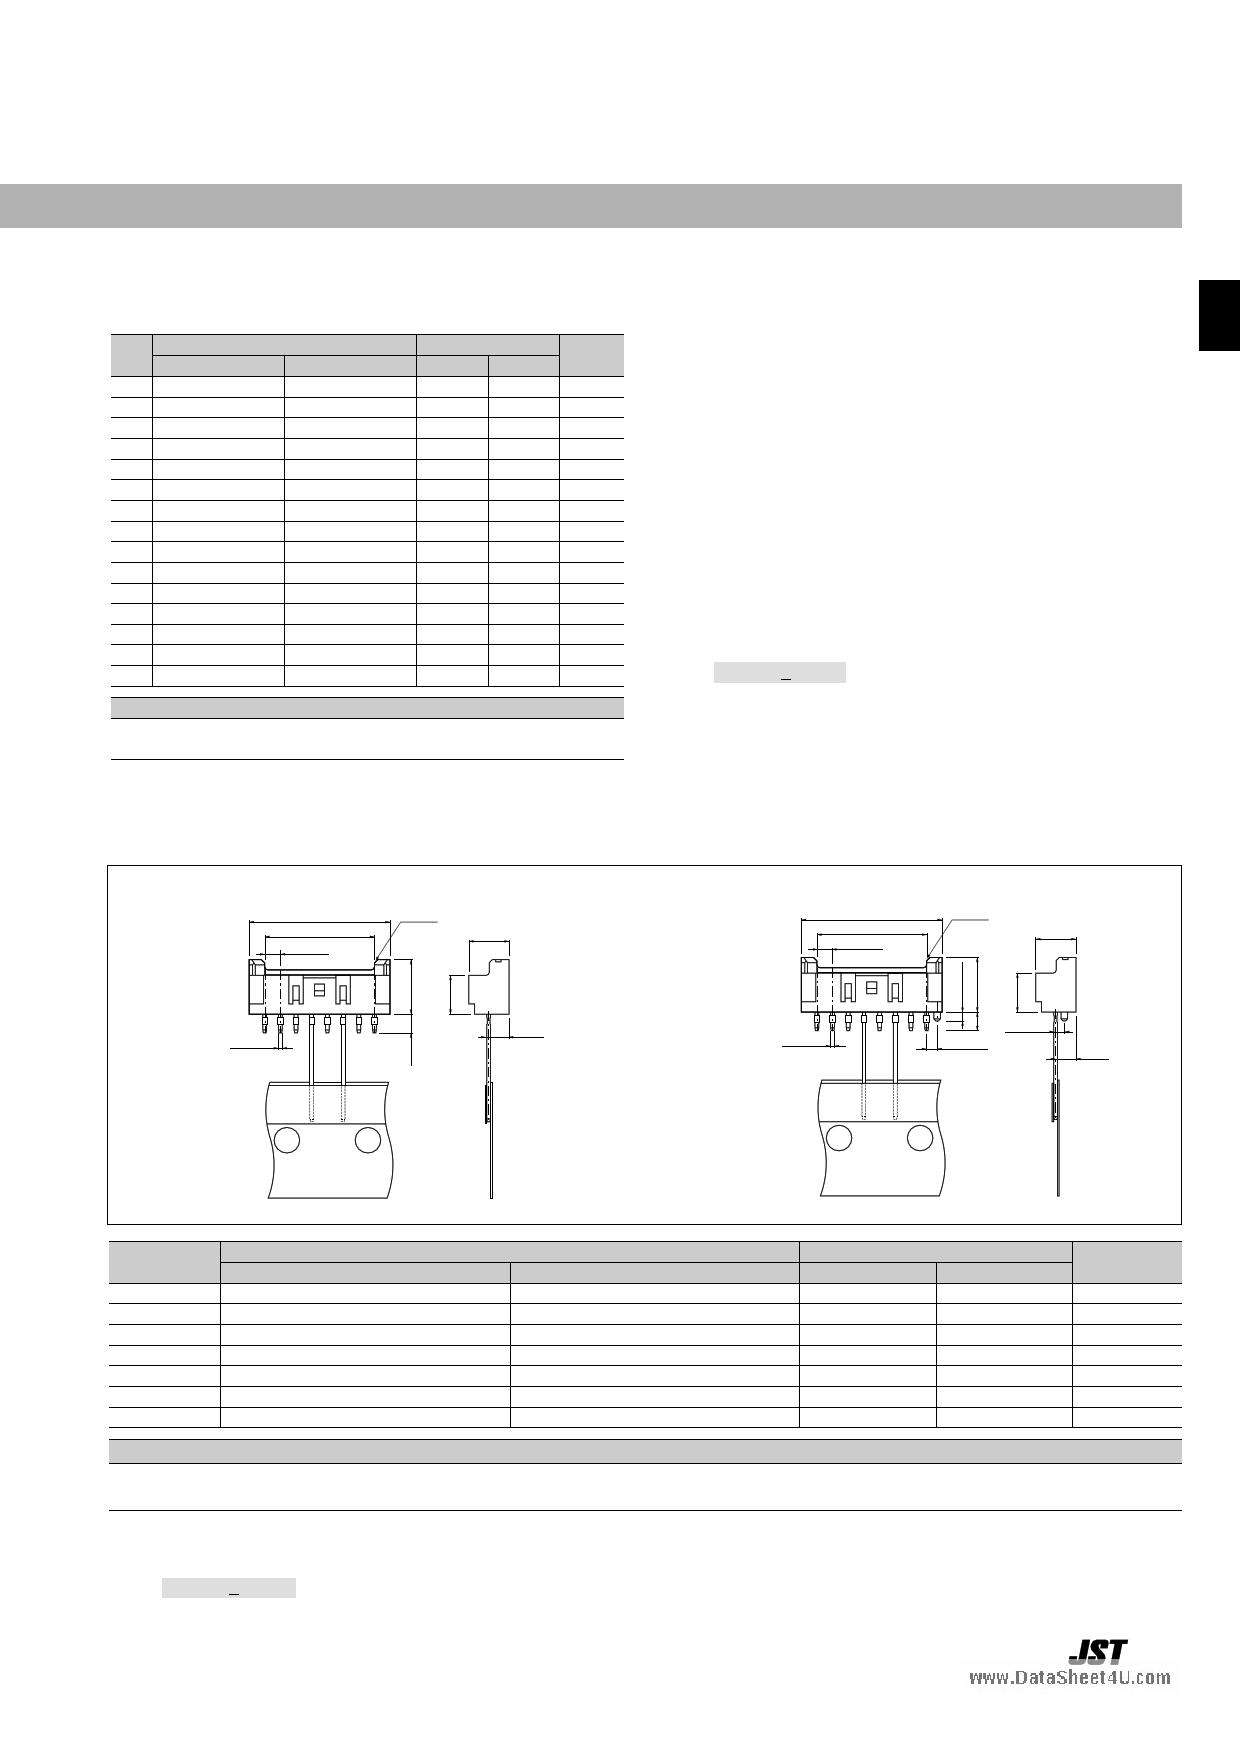 B03B-XASS-1-A-T pdf